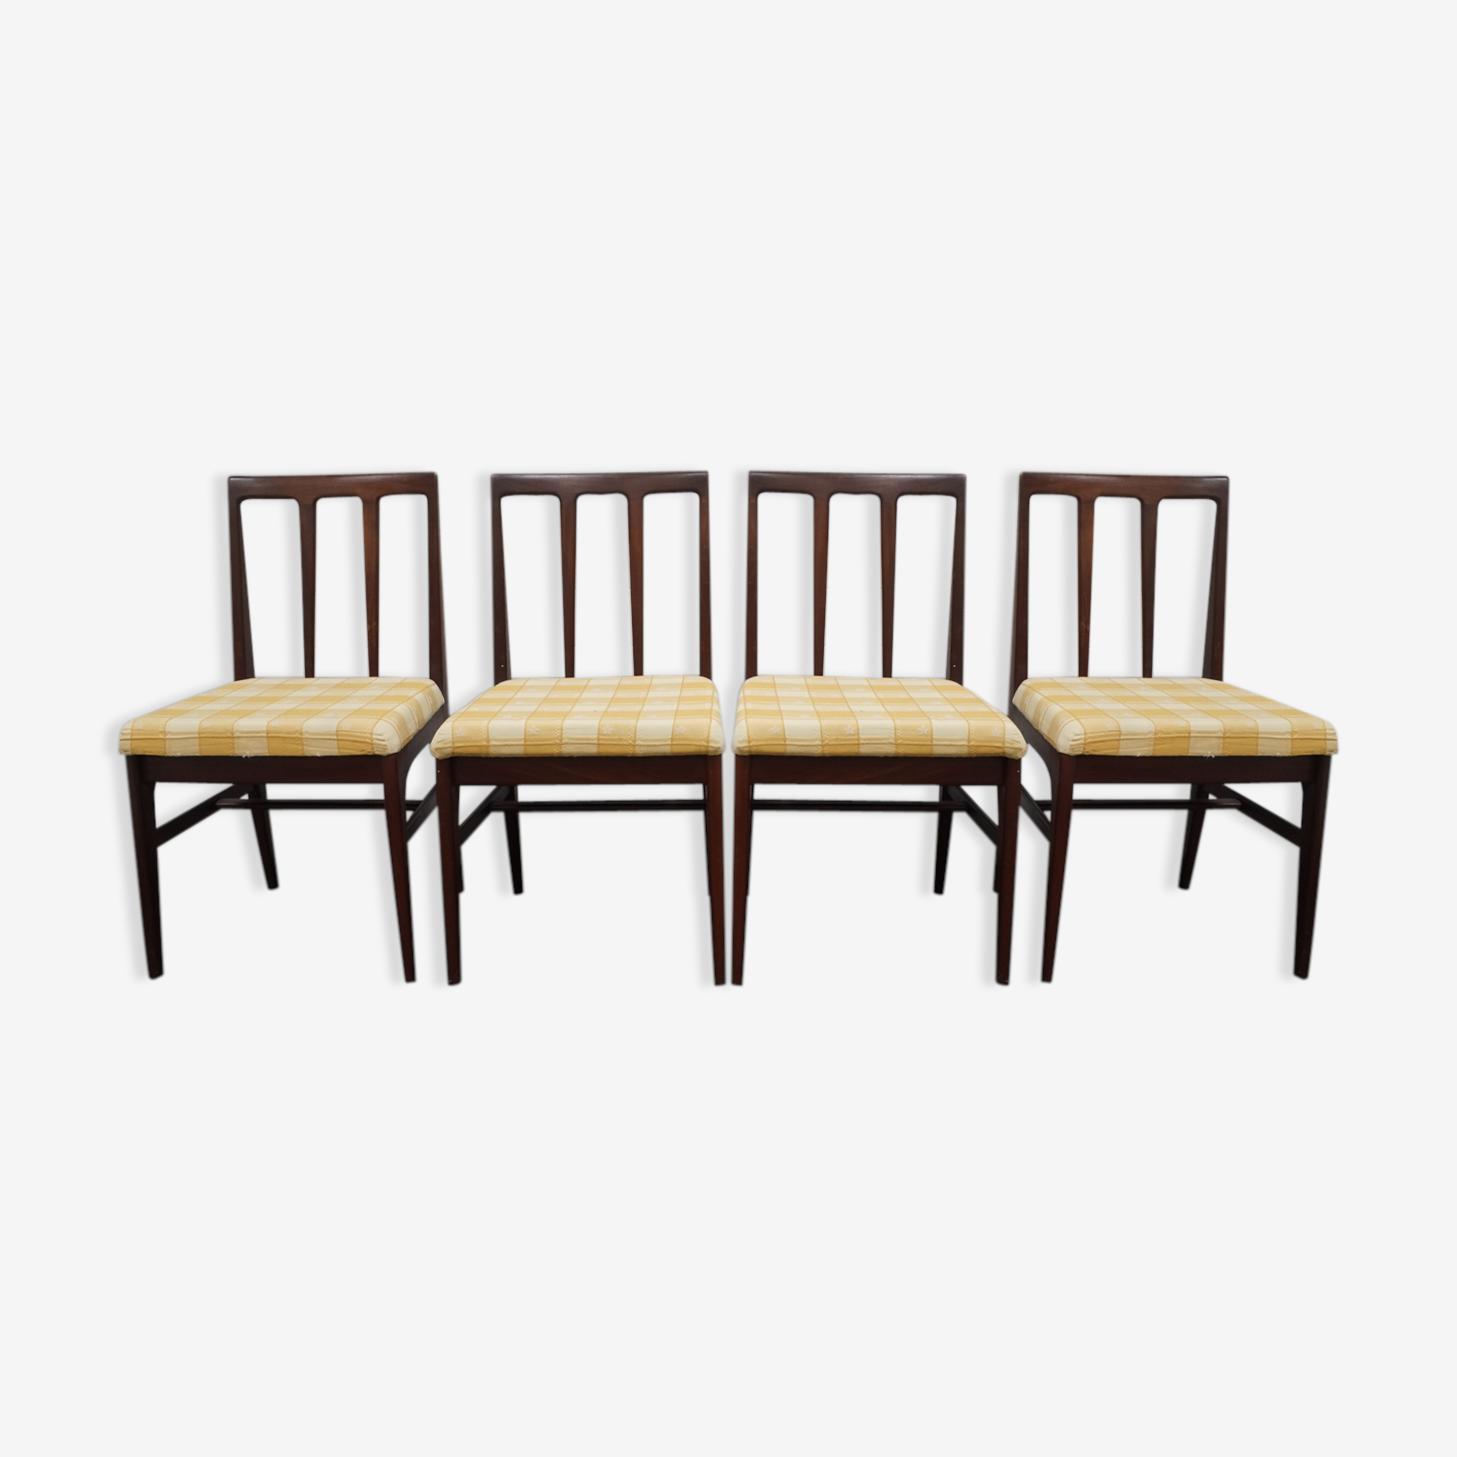 Série de 4 chaises scandinaves en teck massif